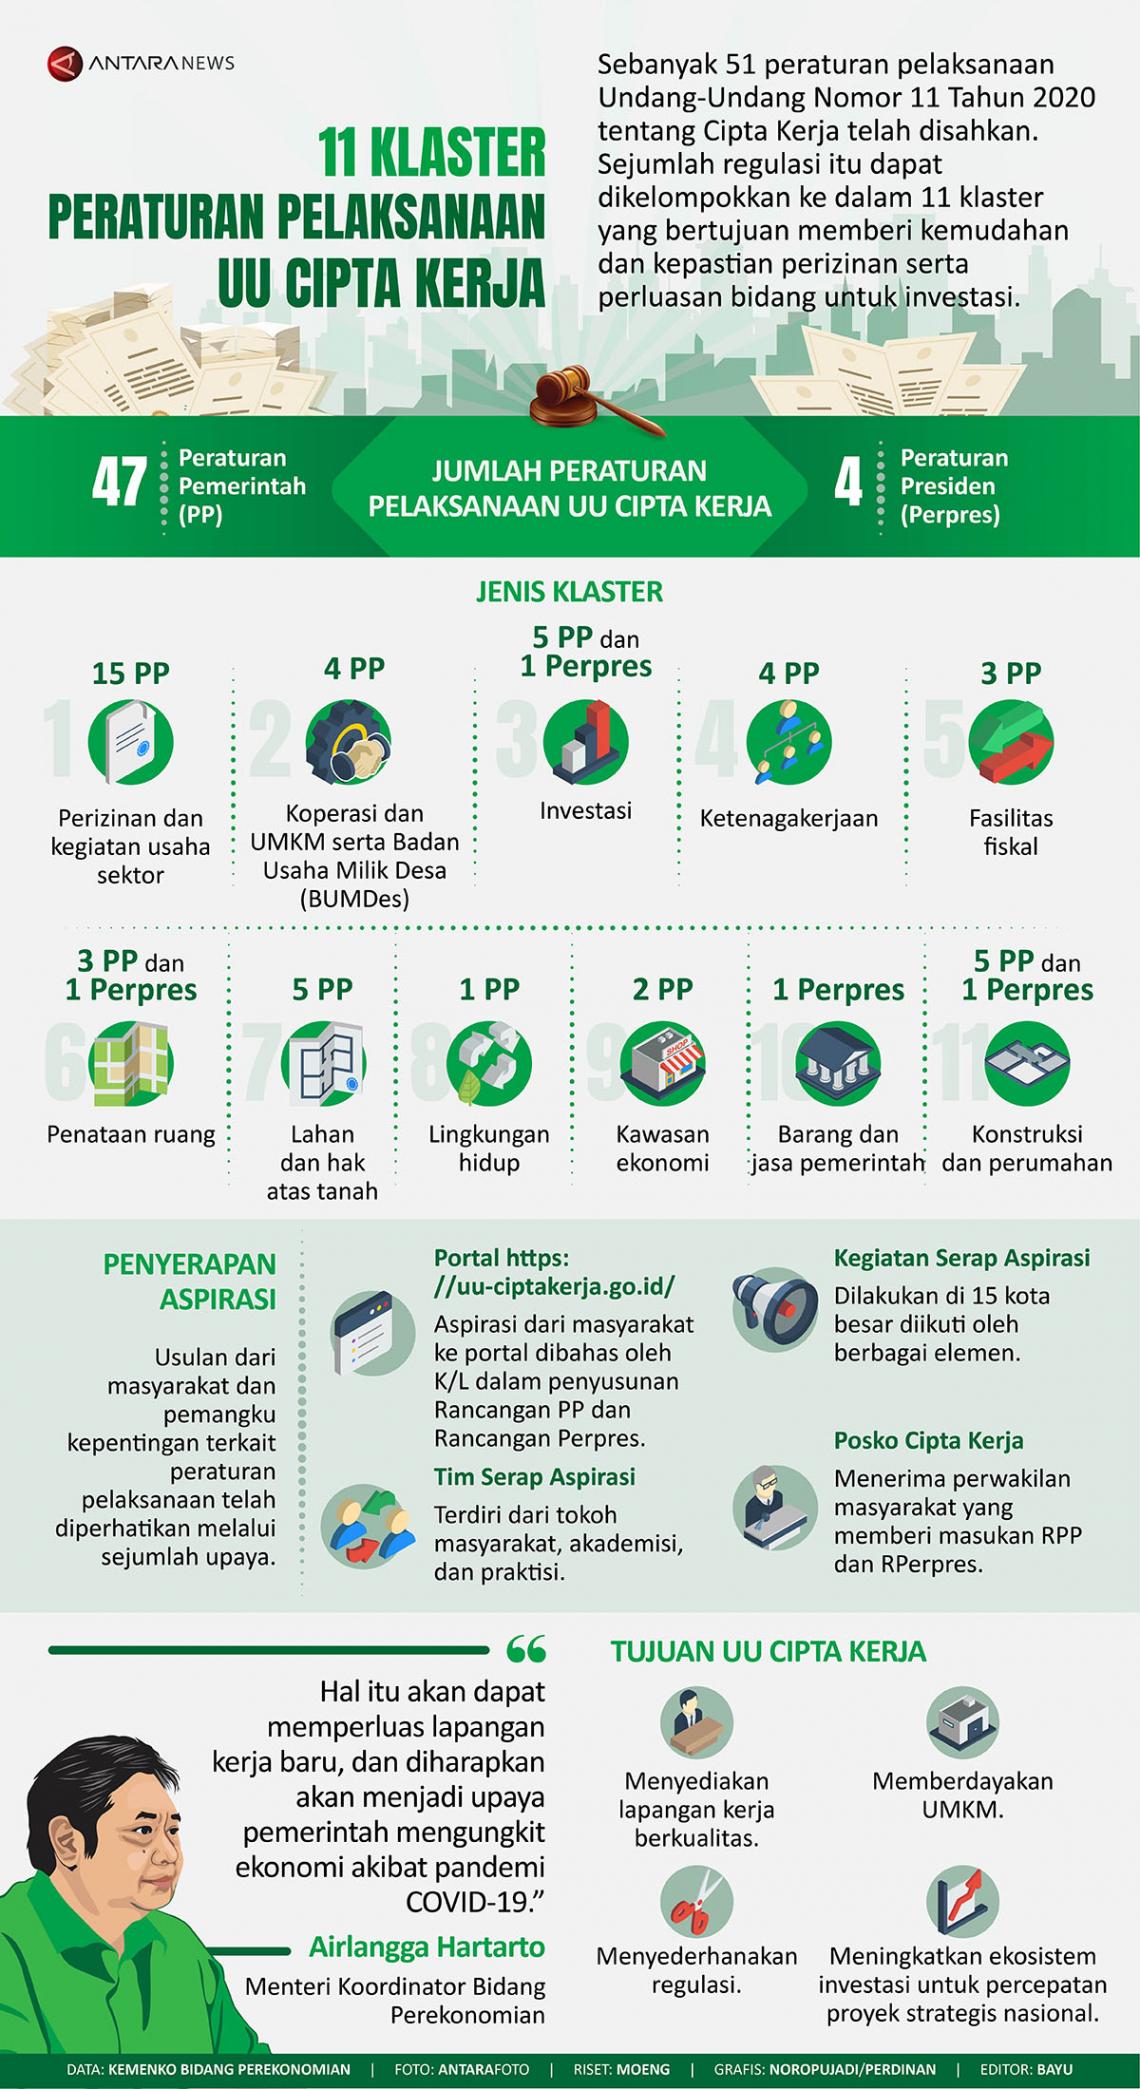 11 klaster peraturan pelaksanaan UU Cipta Kerja